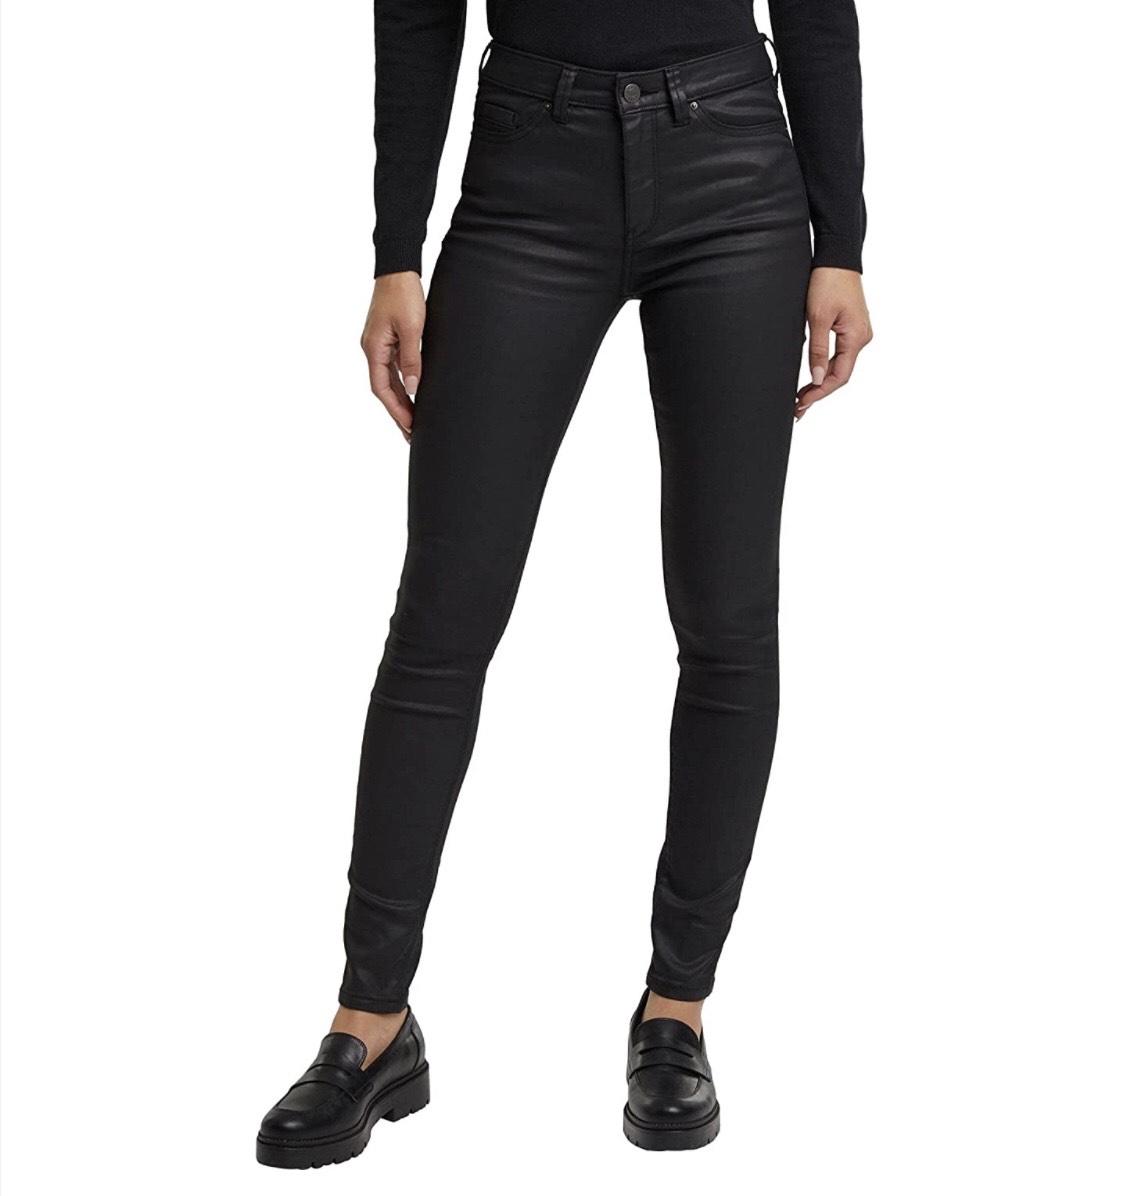 Pantalón efecto piel Esprit mujer talla 34W/32L (44 largo normal) Verde a 13,82€.